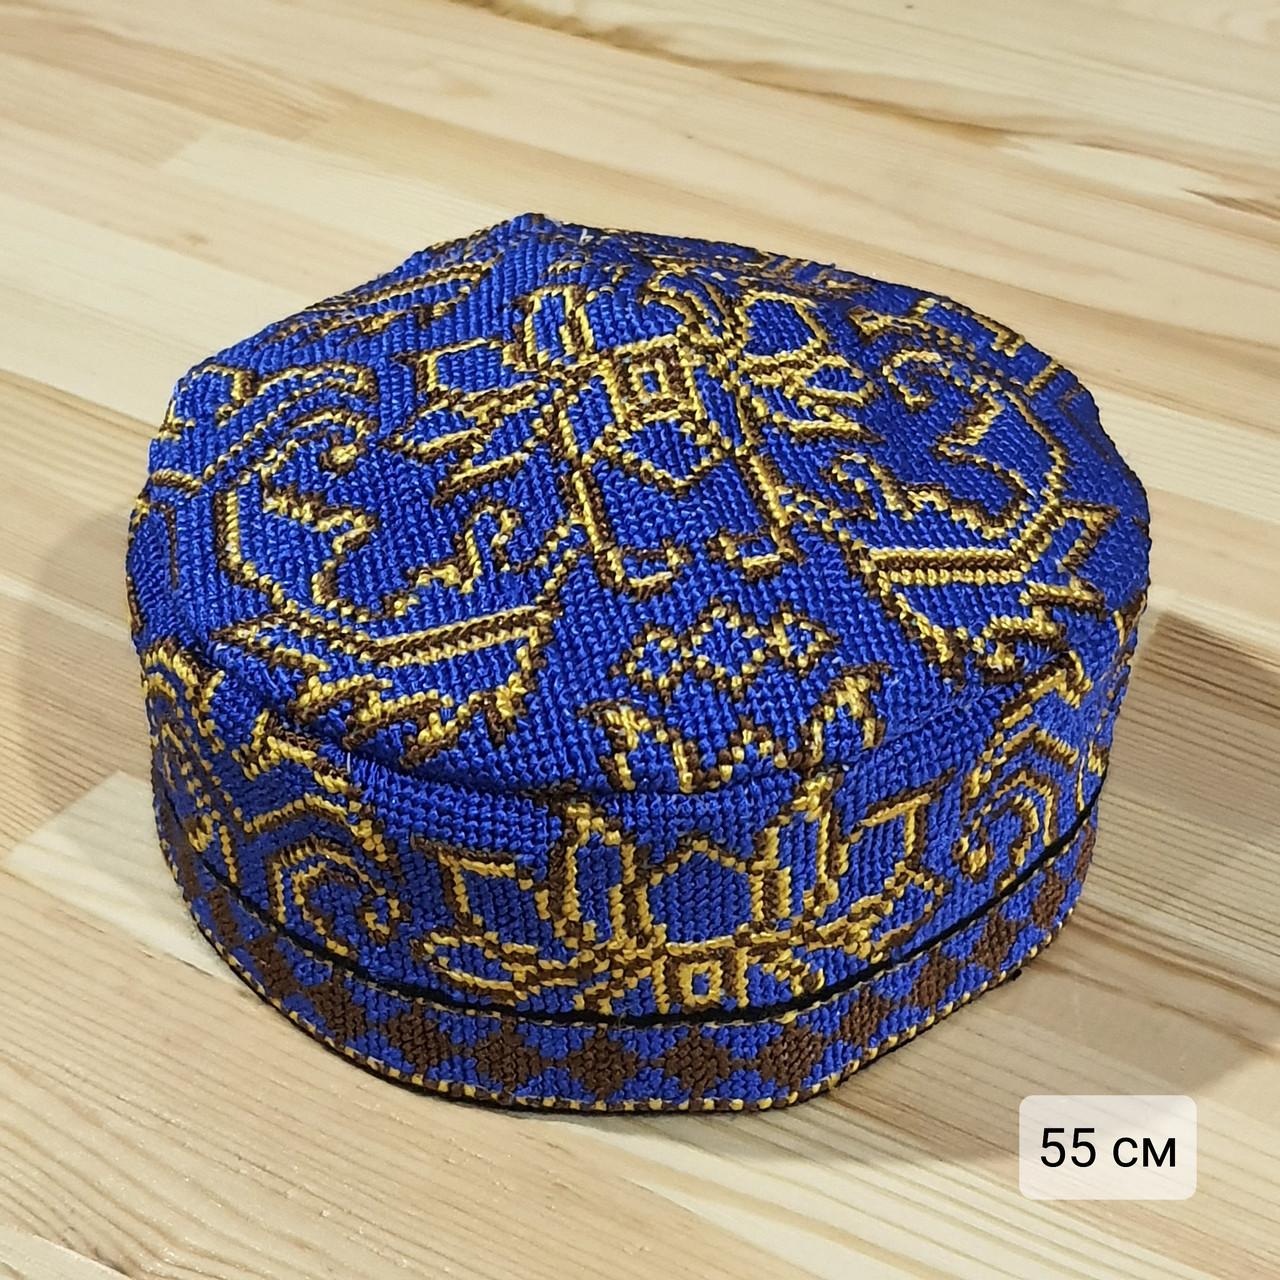 Узбекская тюбетейка 55 см. Ручная вышивка. Узбекистан (55_8)